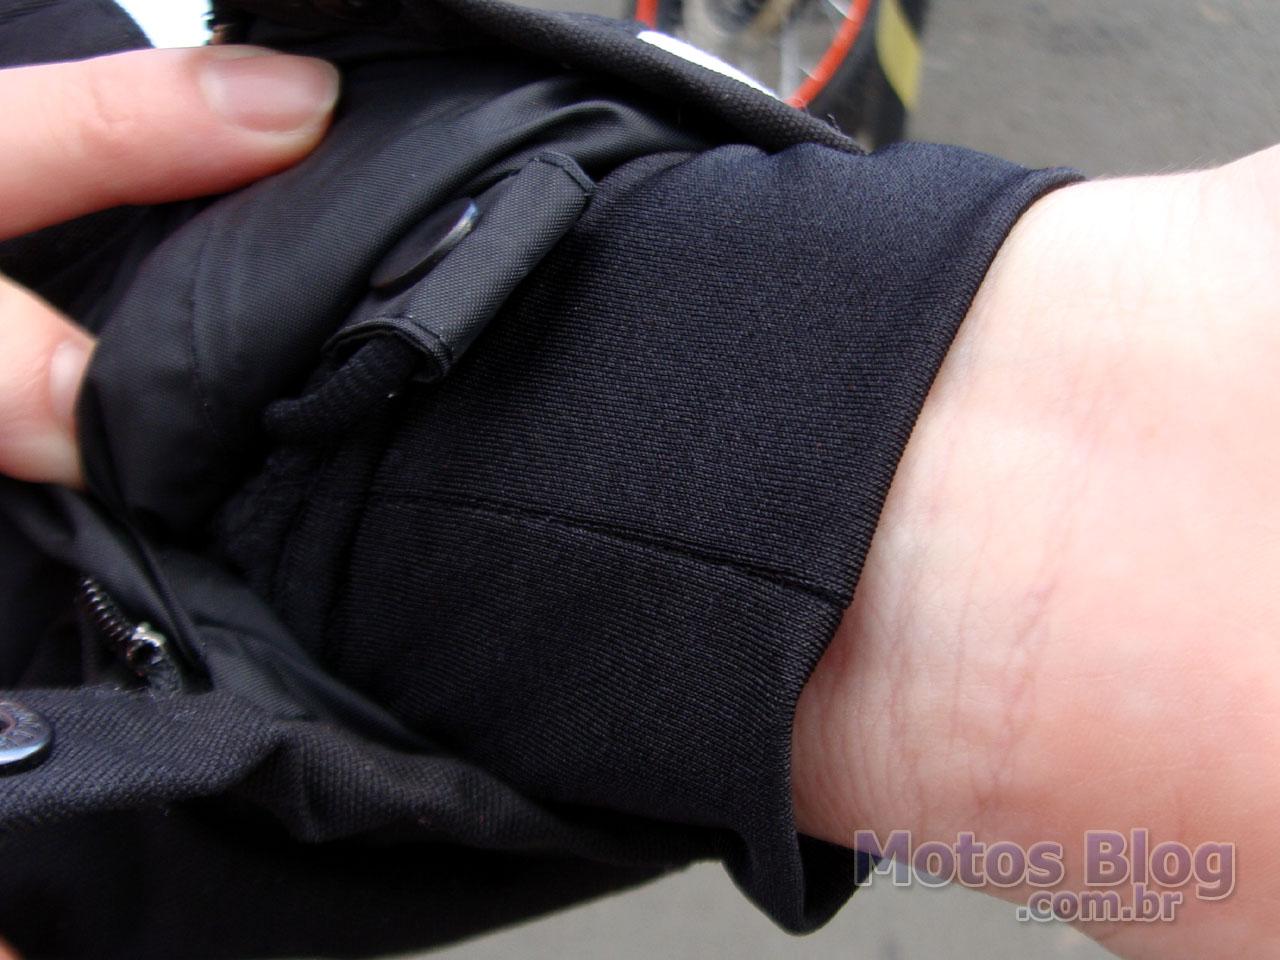 Detalhe do forro interno no punho